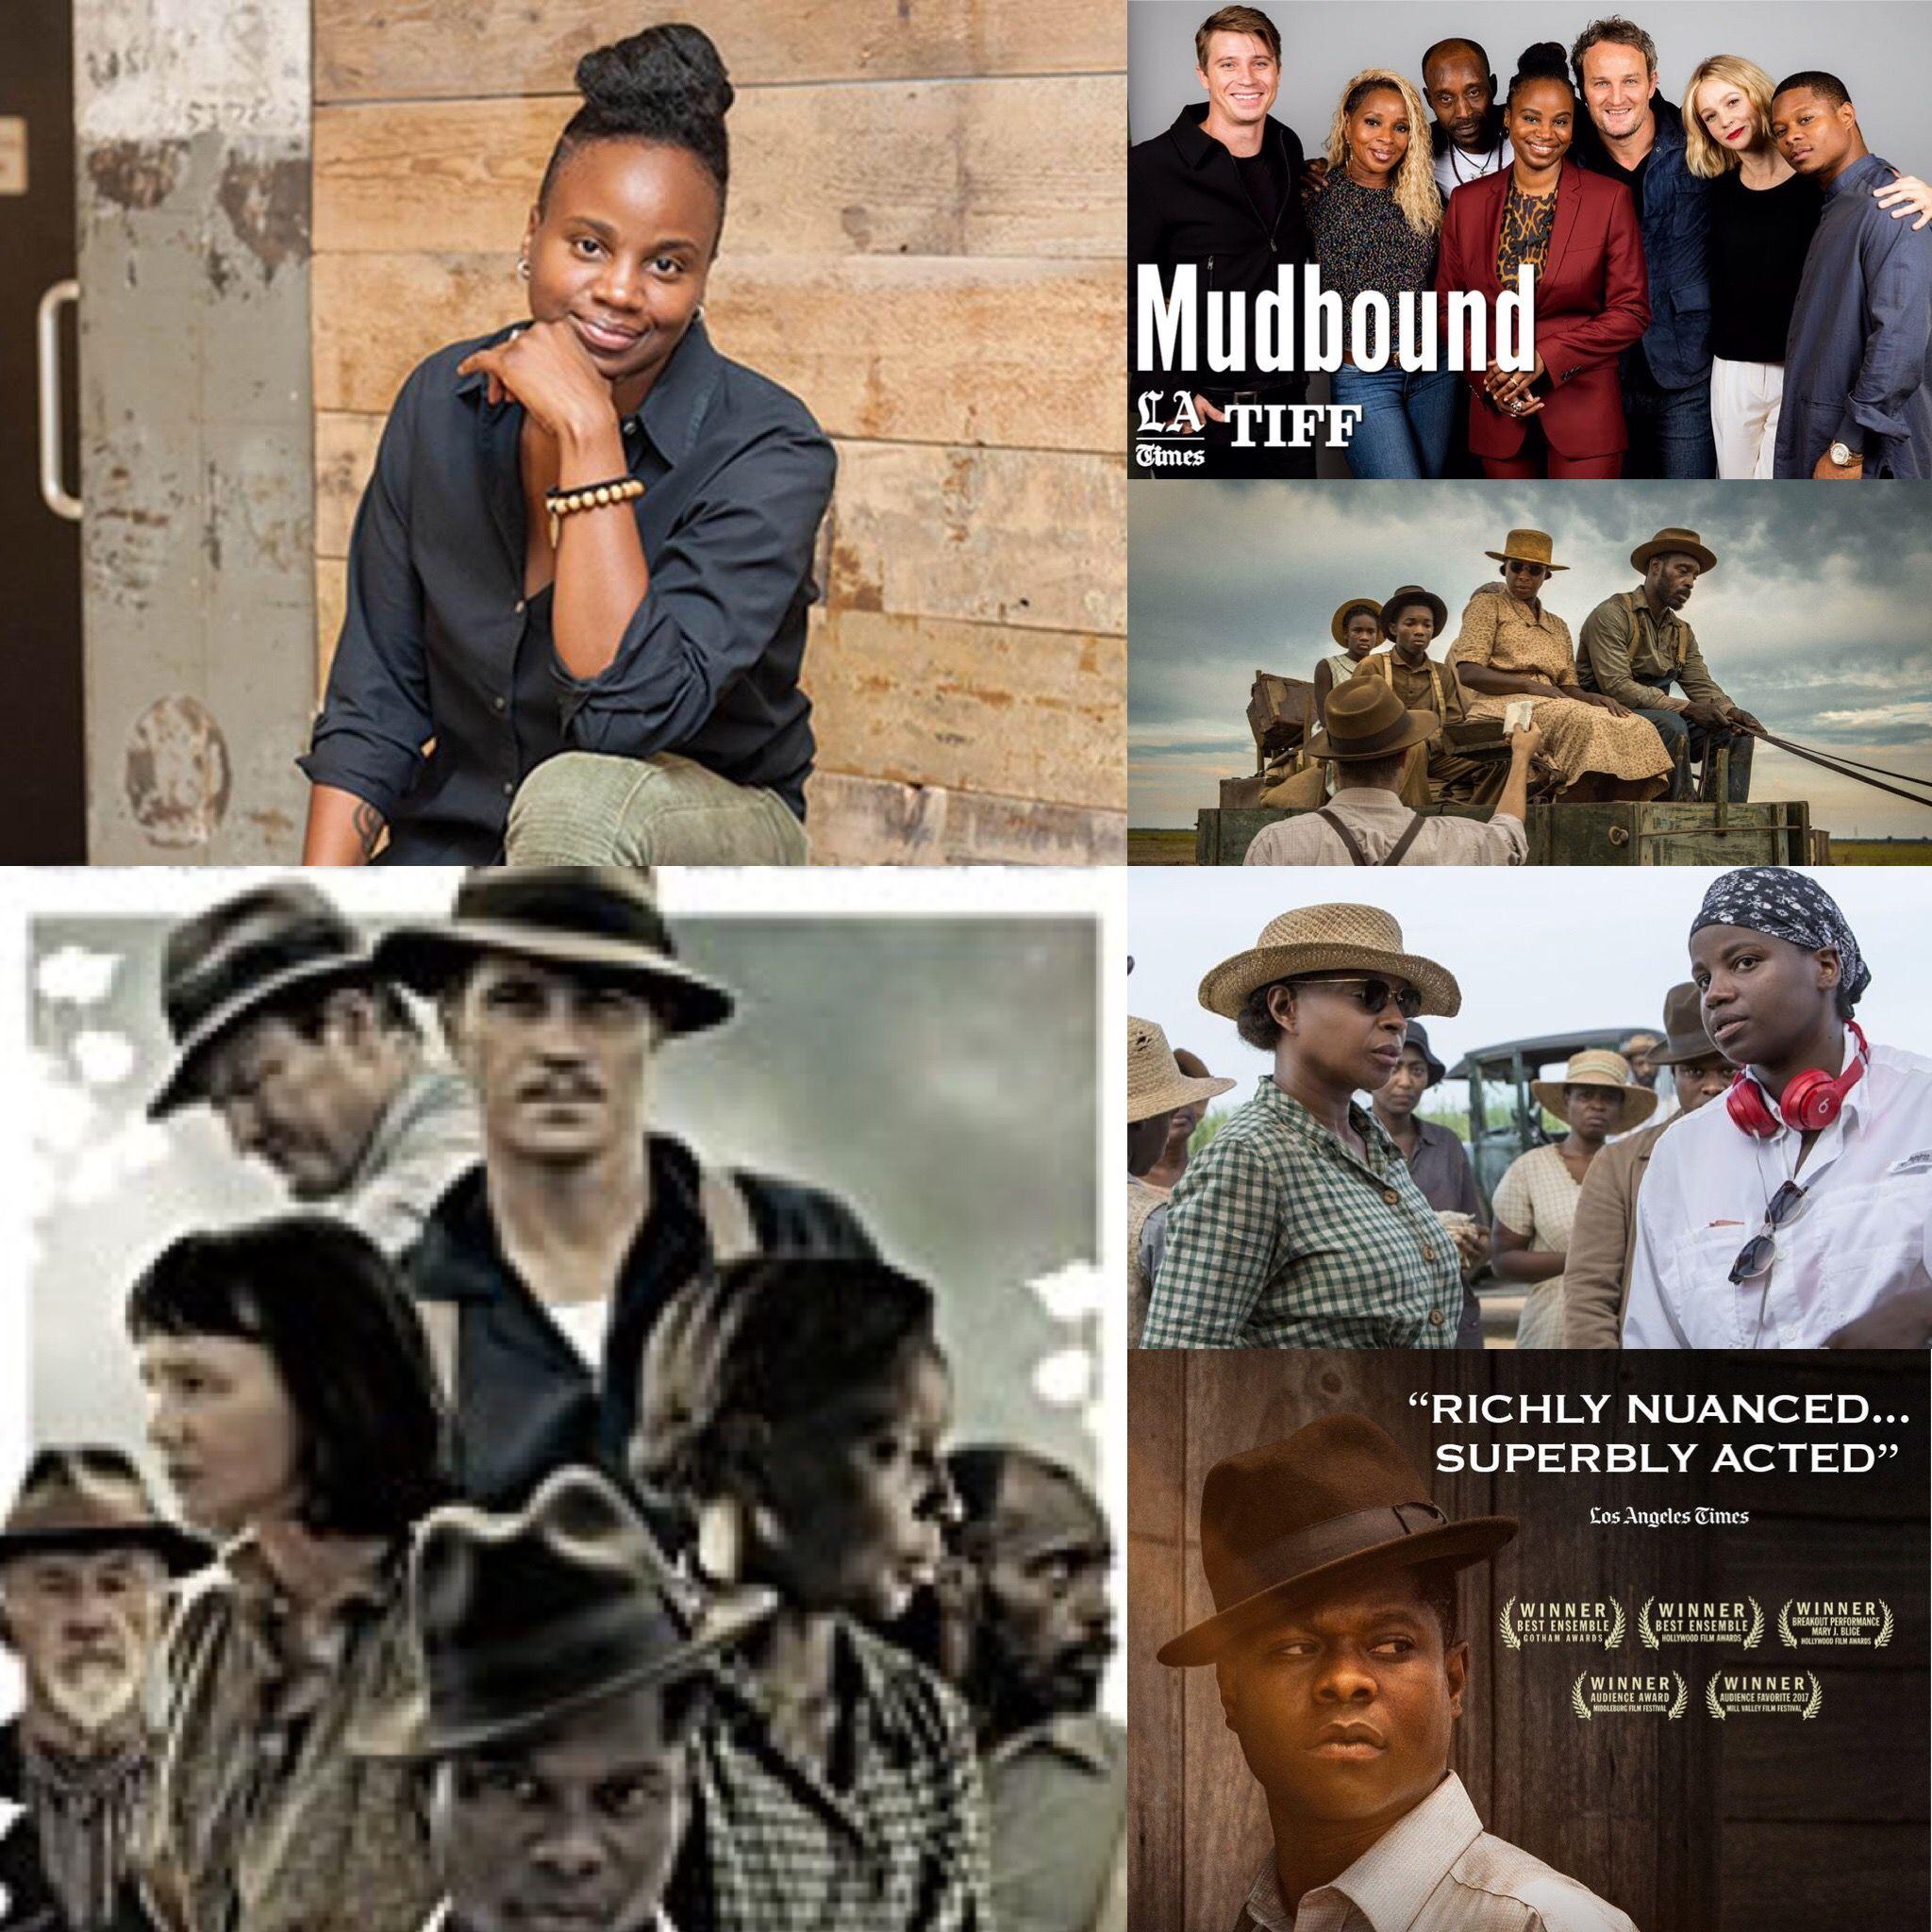 Mit dem Südstaaten-Drama «Mudbound» greift Netflix nach dem Oscar